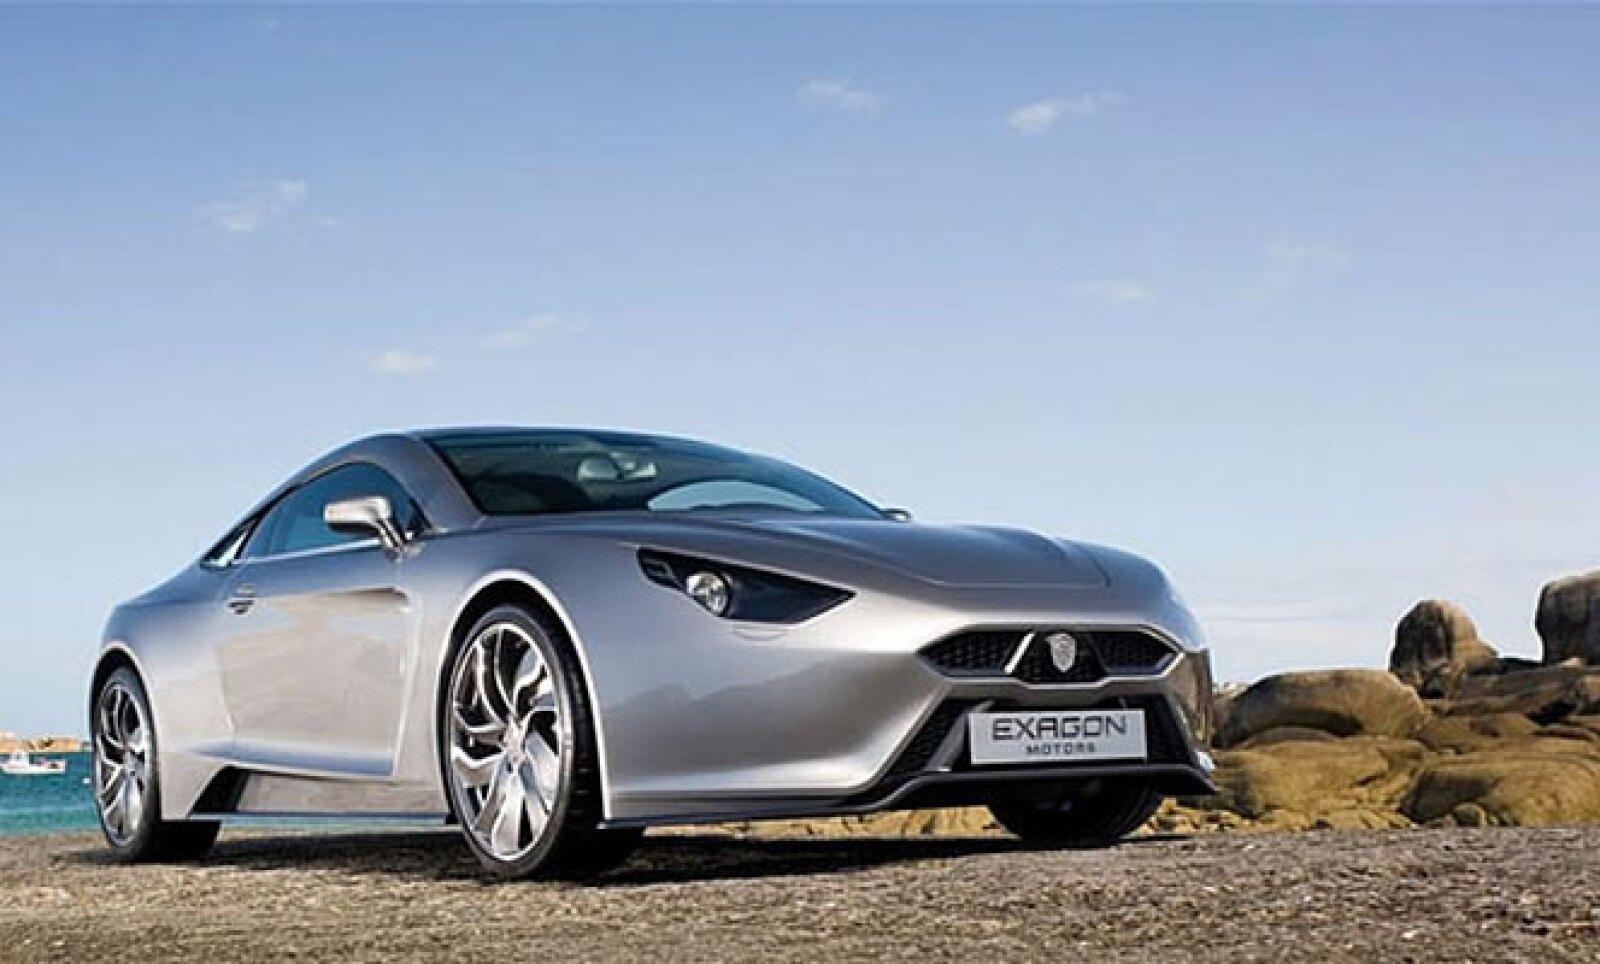 Utiliza dos motores eléctricos y uno más de gasolina. Logra una aceleración de 0 a 100 Km/h en sólo 3.5 segundos y una velocidad máxima de 300 Km/h.